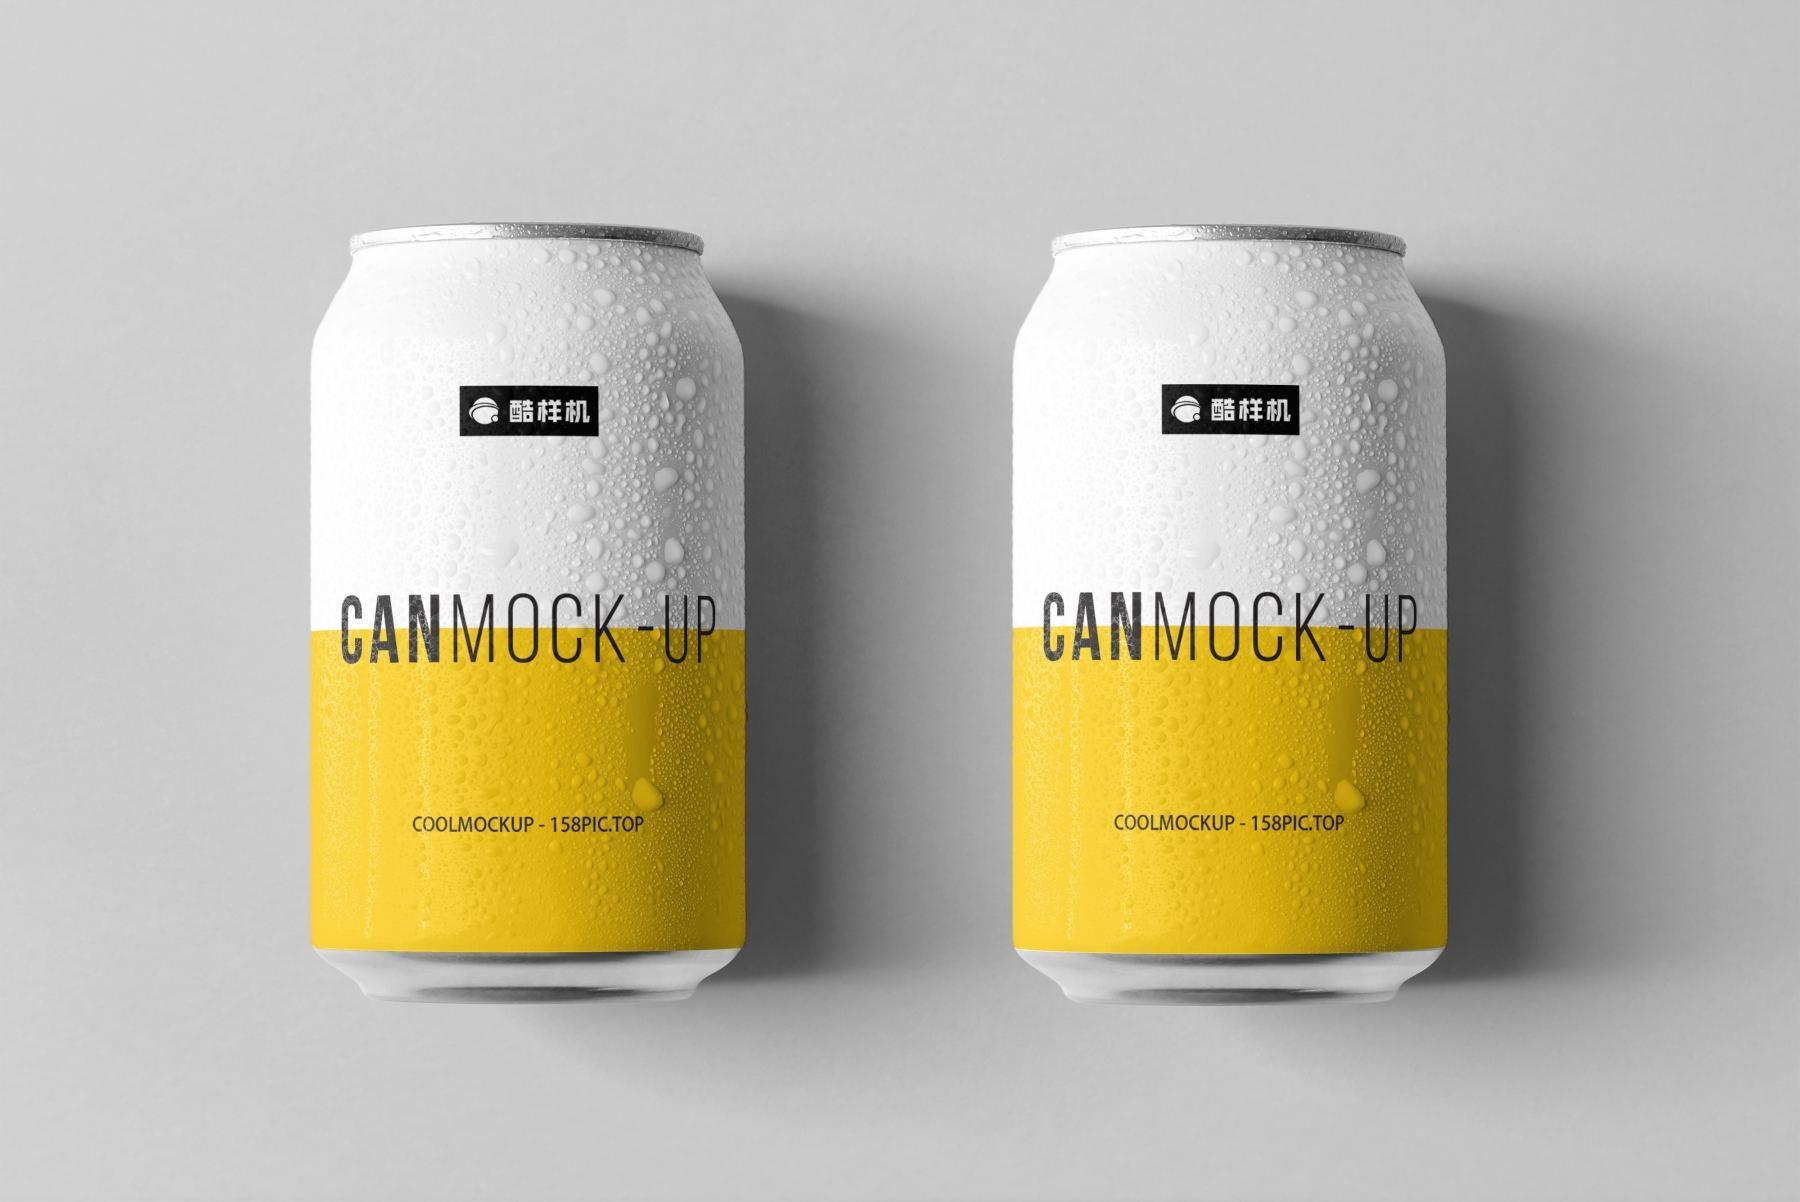 04962c4fb3c3892 - 简约饮料啤酒包装易拉罐样机